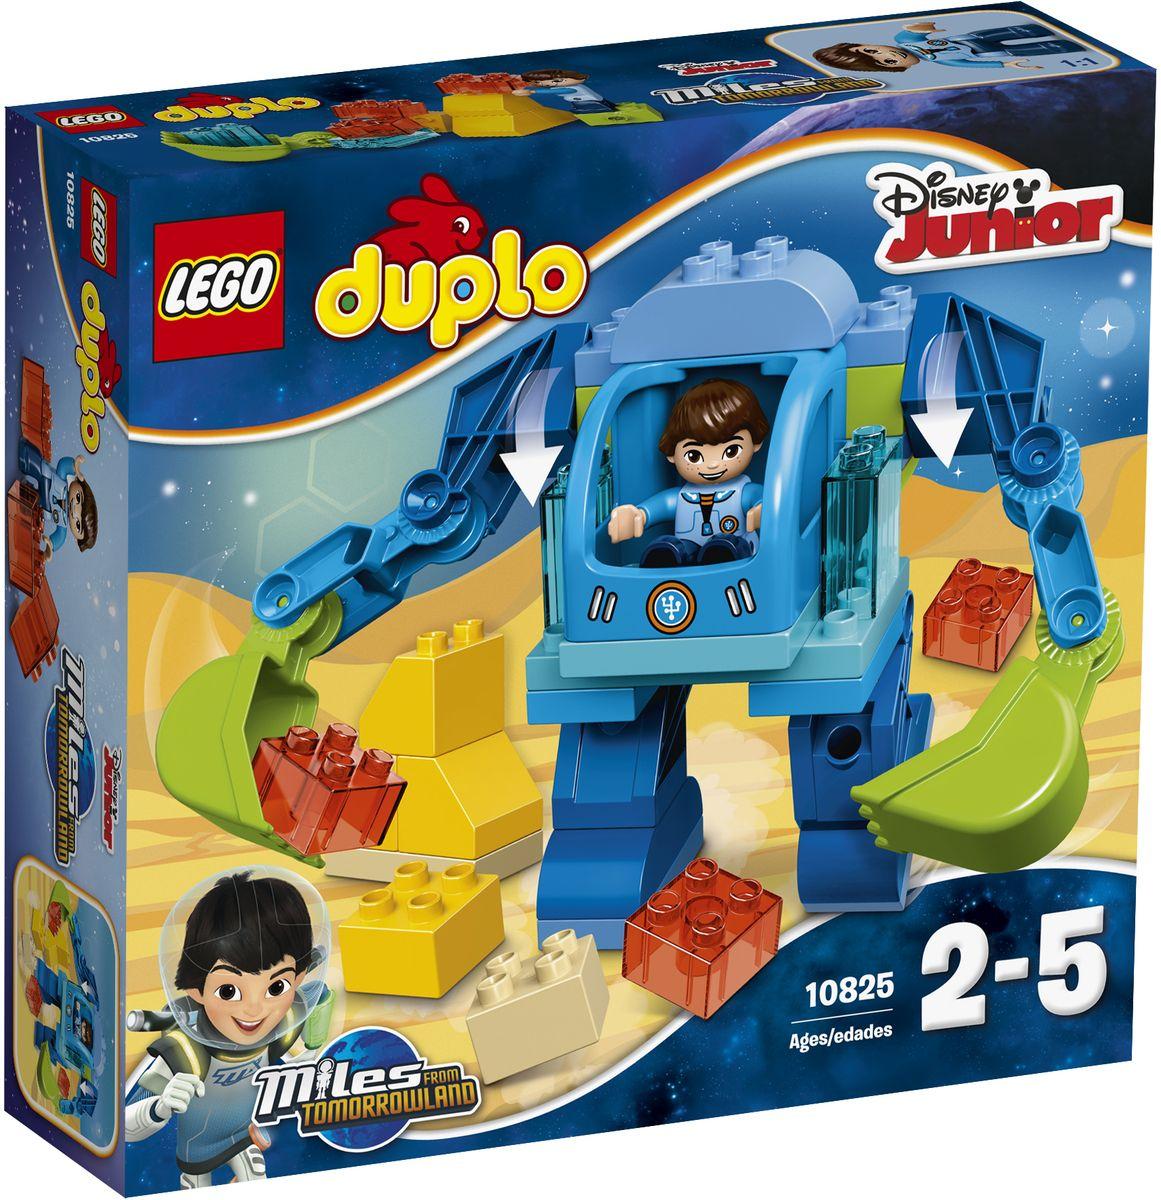 LEGO DUPLO Конструктор Экзокостюм Майлза 10825